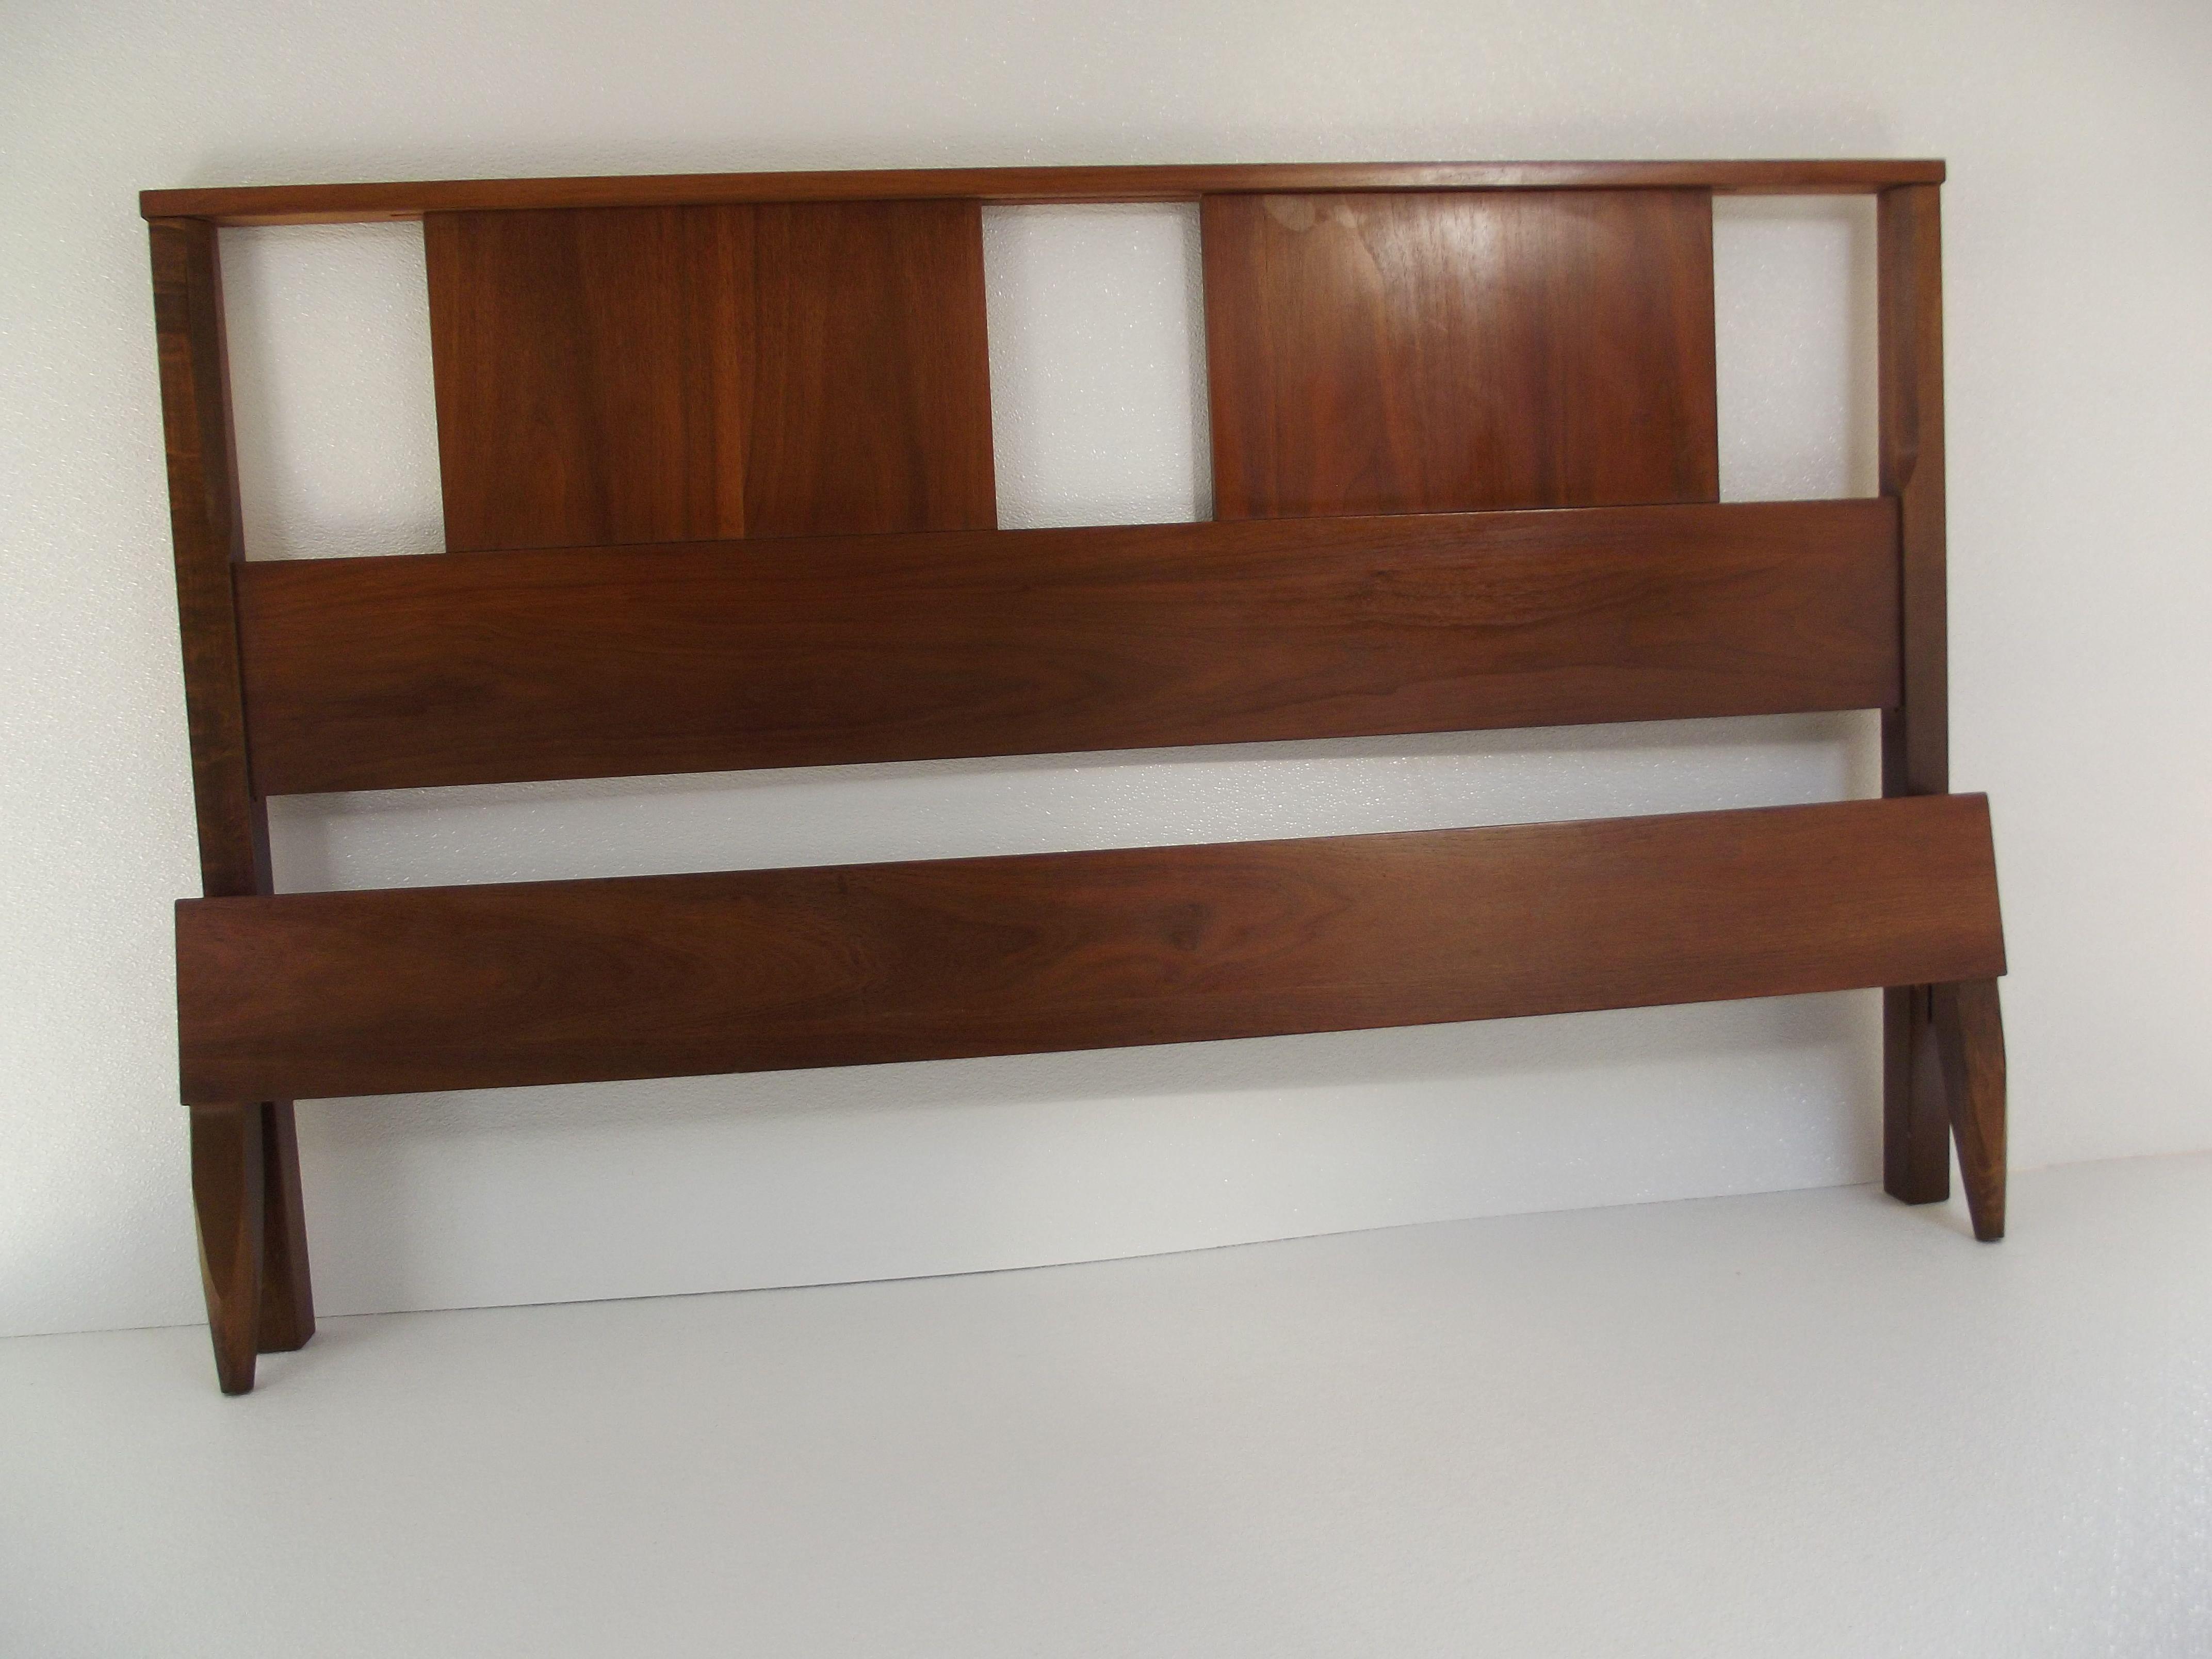 27 best Bedroom Furniture images on Pinterest | Bedroom furniture ...